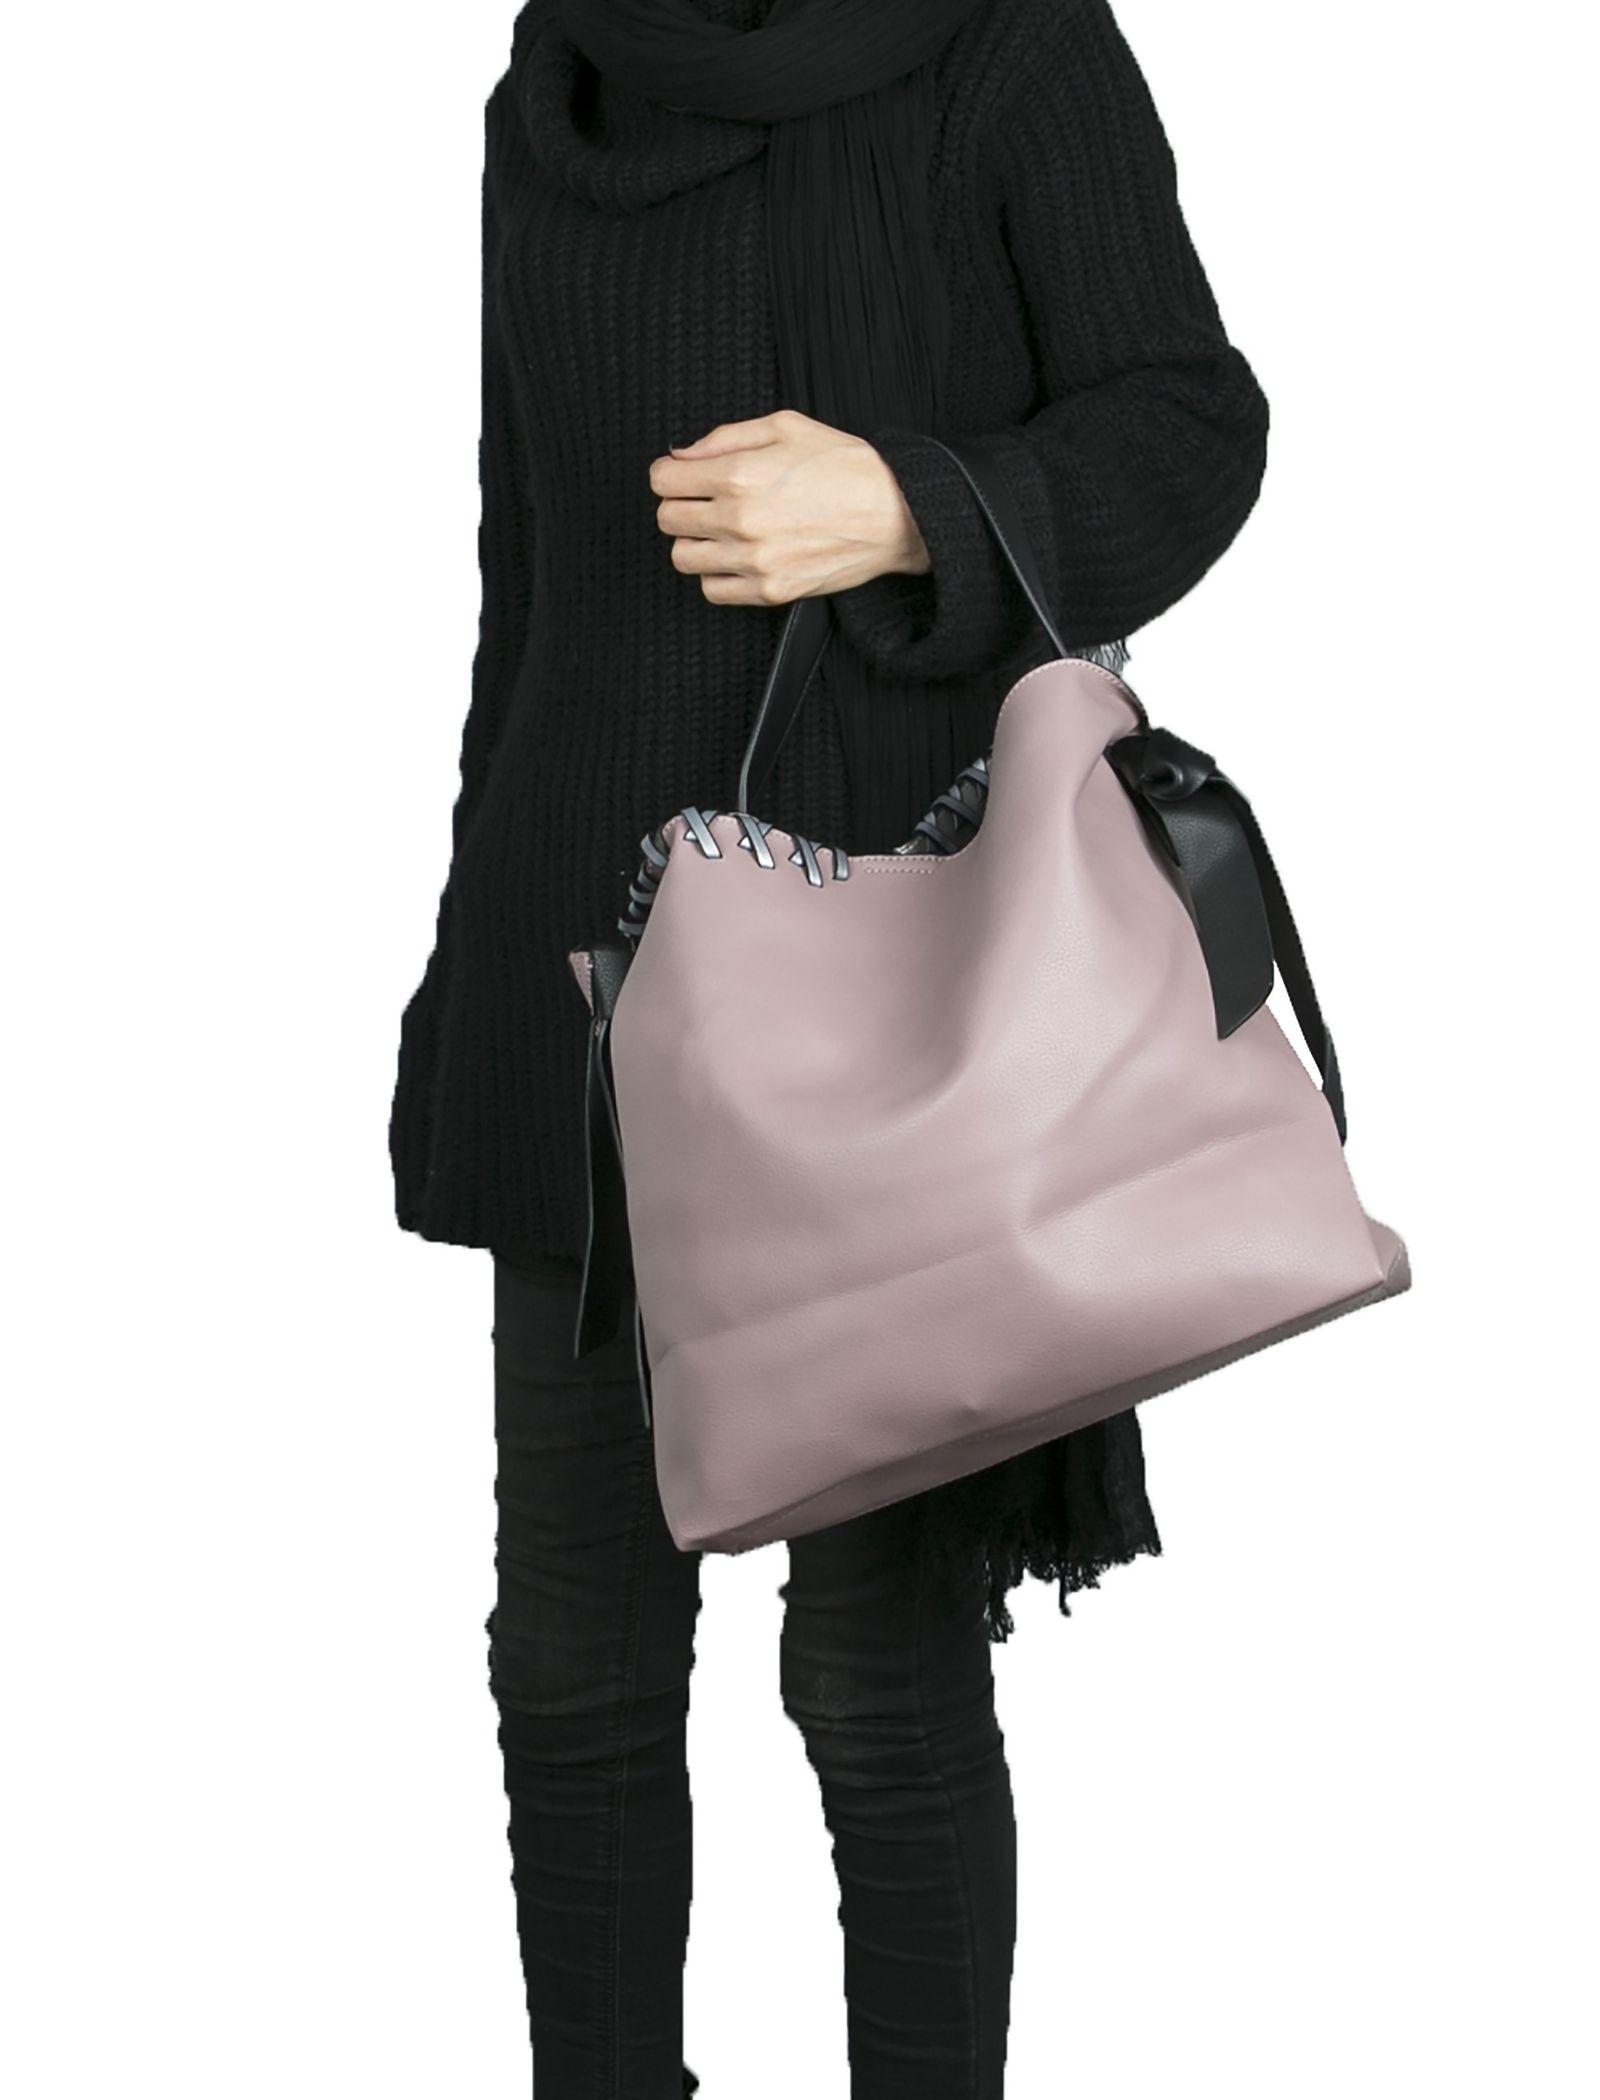 کیف دوشی روزمره زنانه - شانتال - صورتي - 2